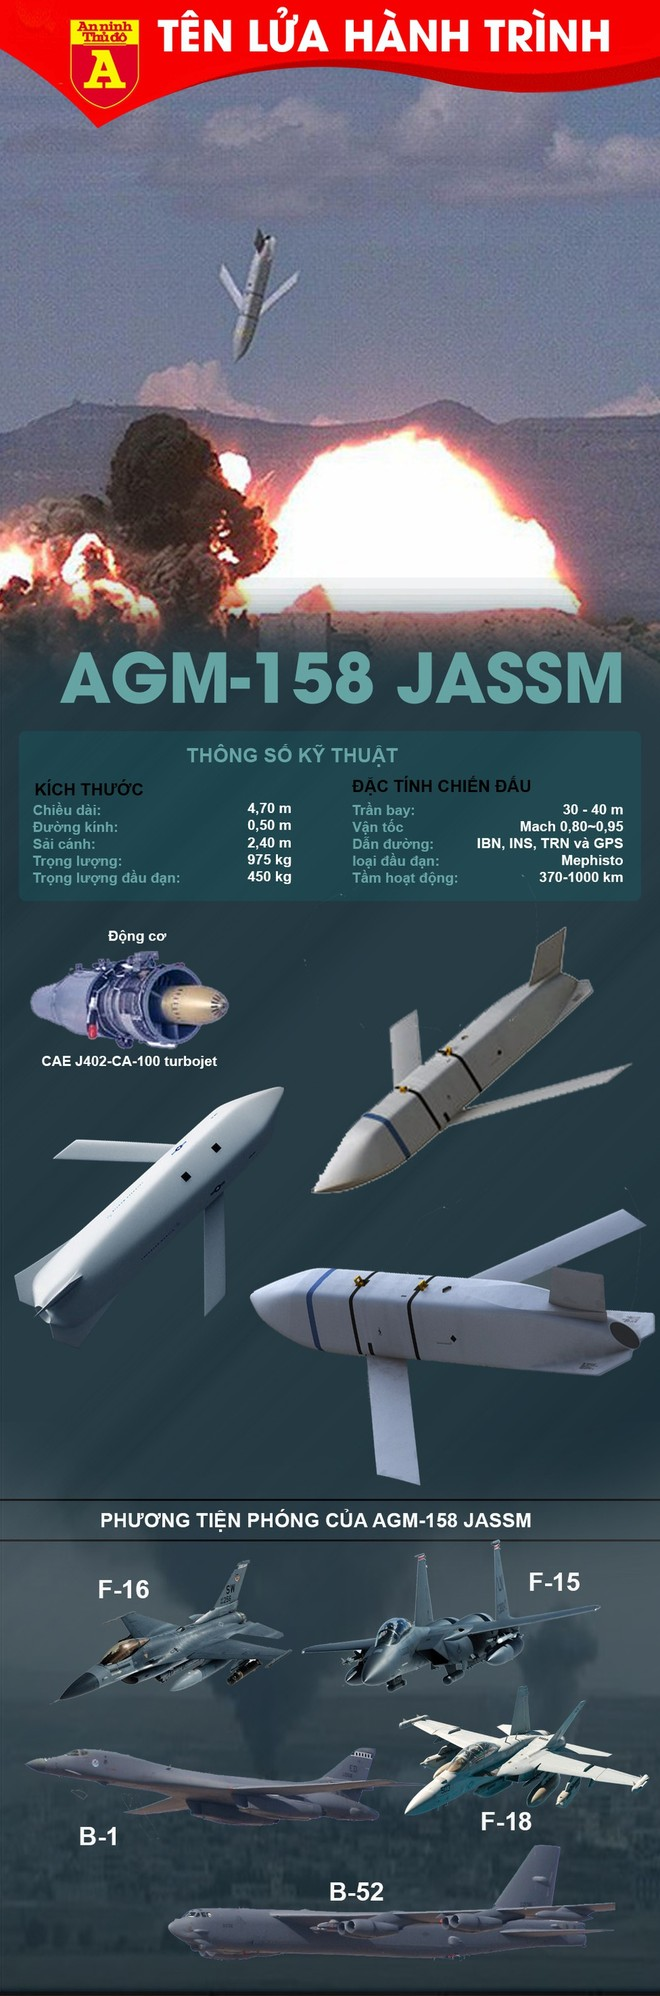 [Info] Loại tên lửa cực mạnh được Mỹ tích hợp để thả từ vận tải cơ C-17 ảnh 2